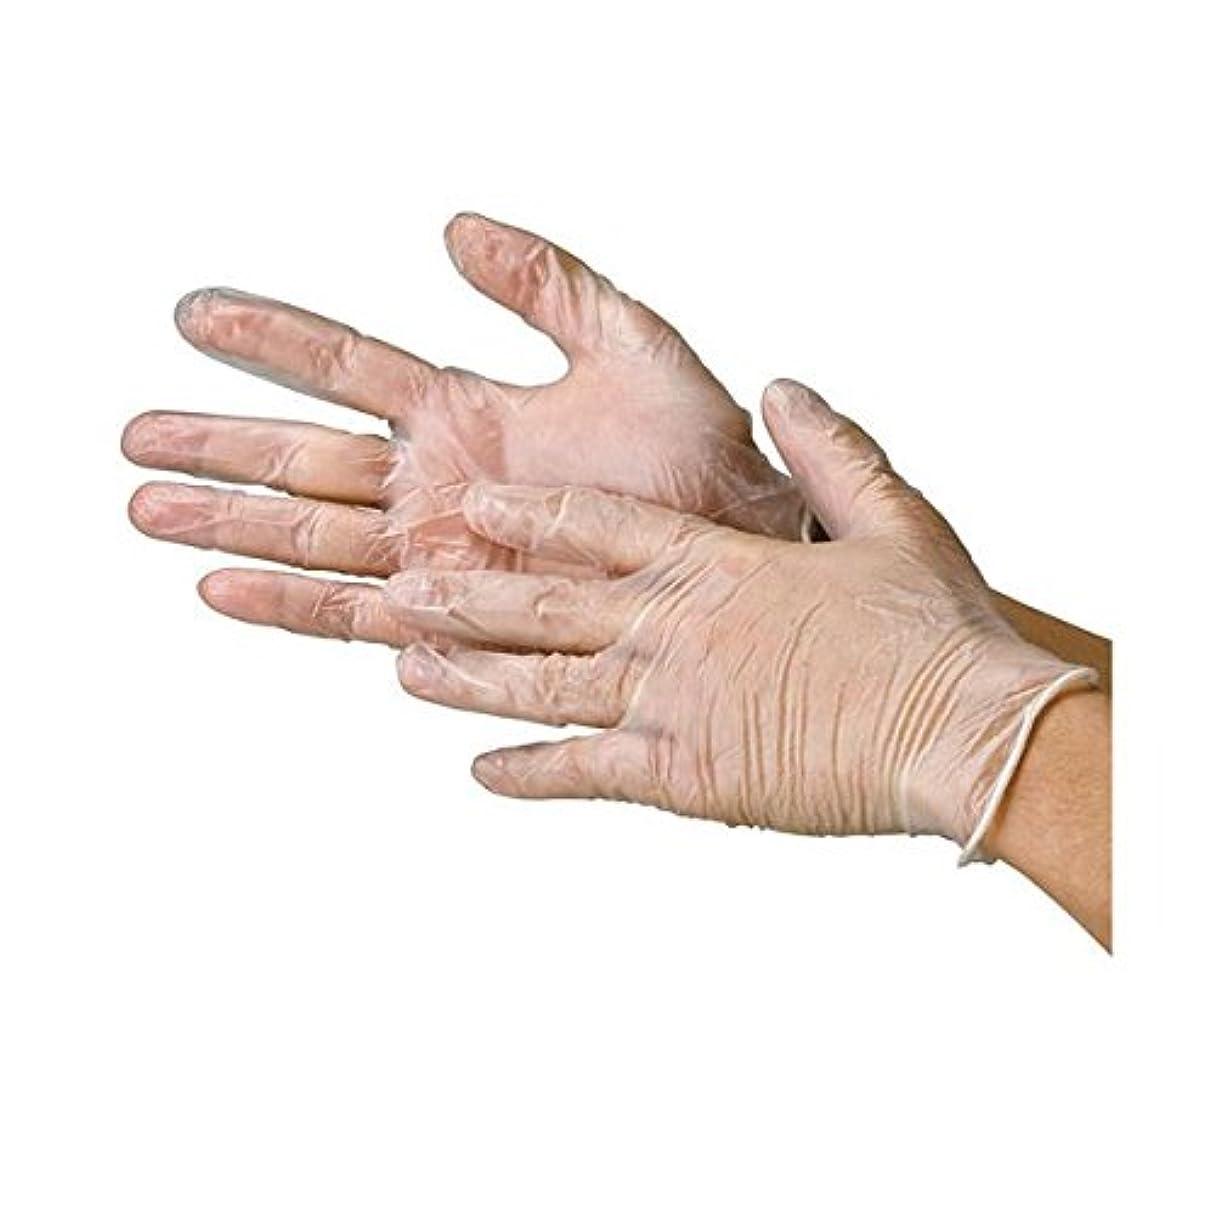 シャックル論争ビジョン川西工業 ビニール極薄手袋 粉つき S 20袋 ds-1915764